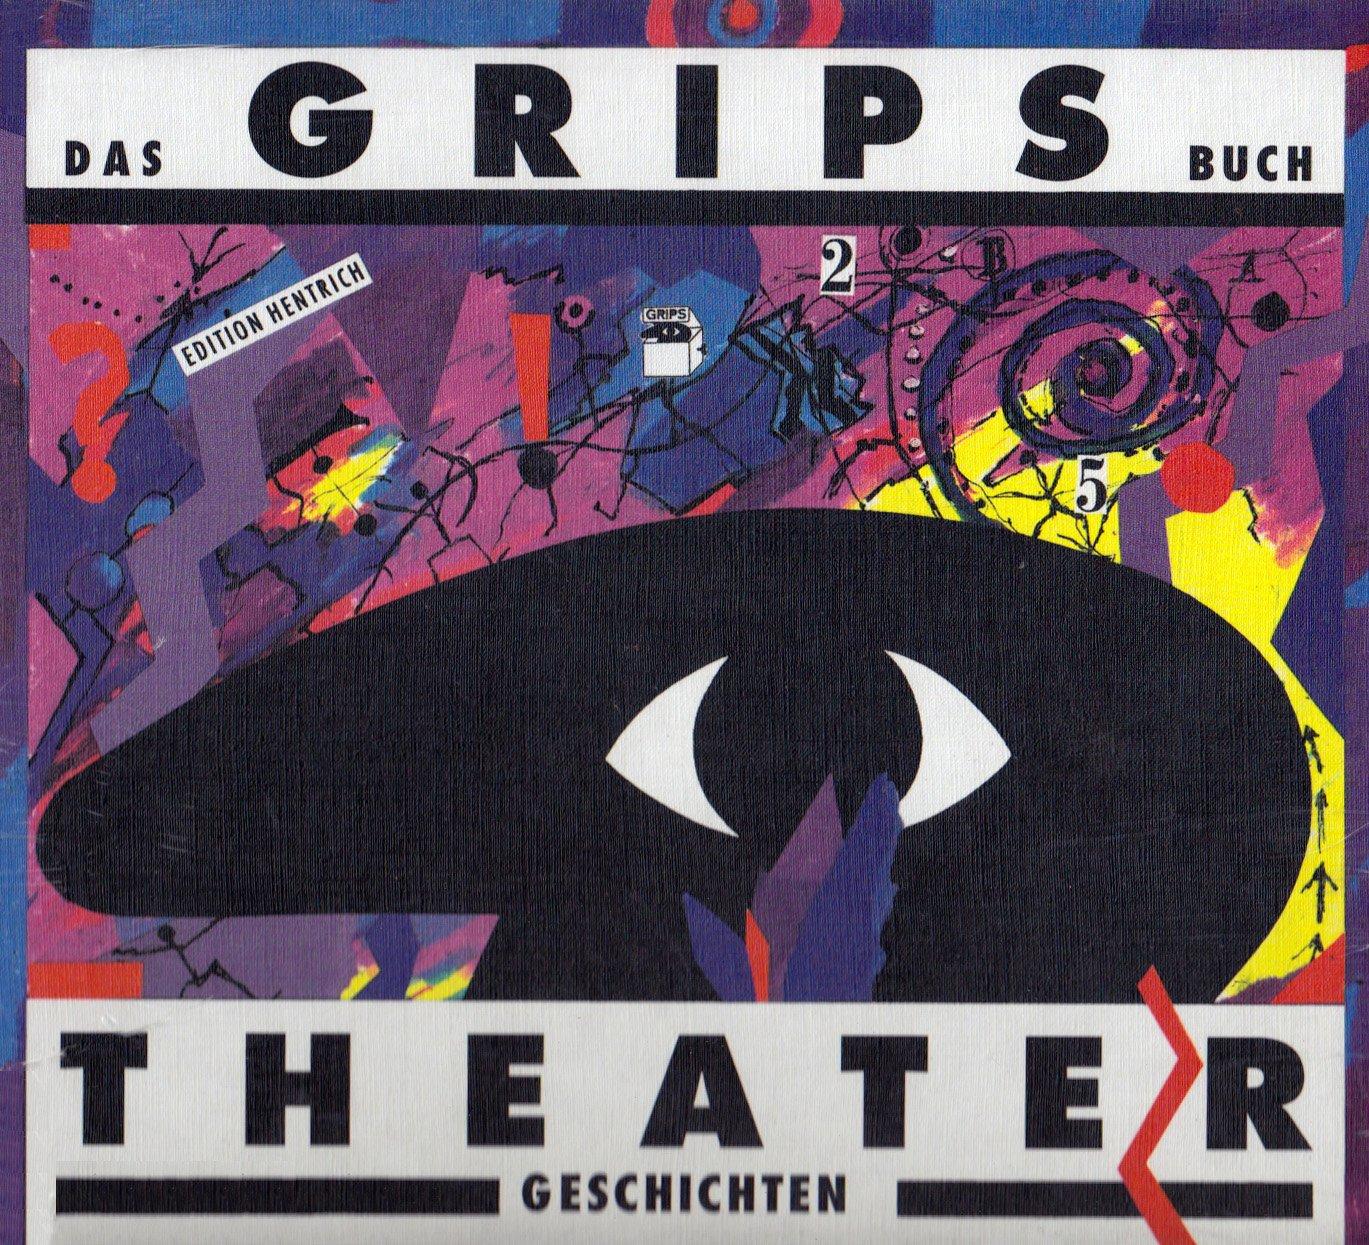 Das Grips Buch: 25 Jahre Theatergeschichten